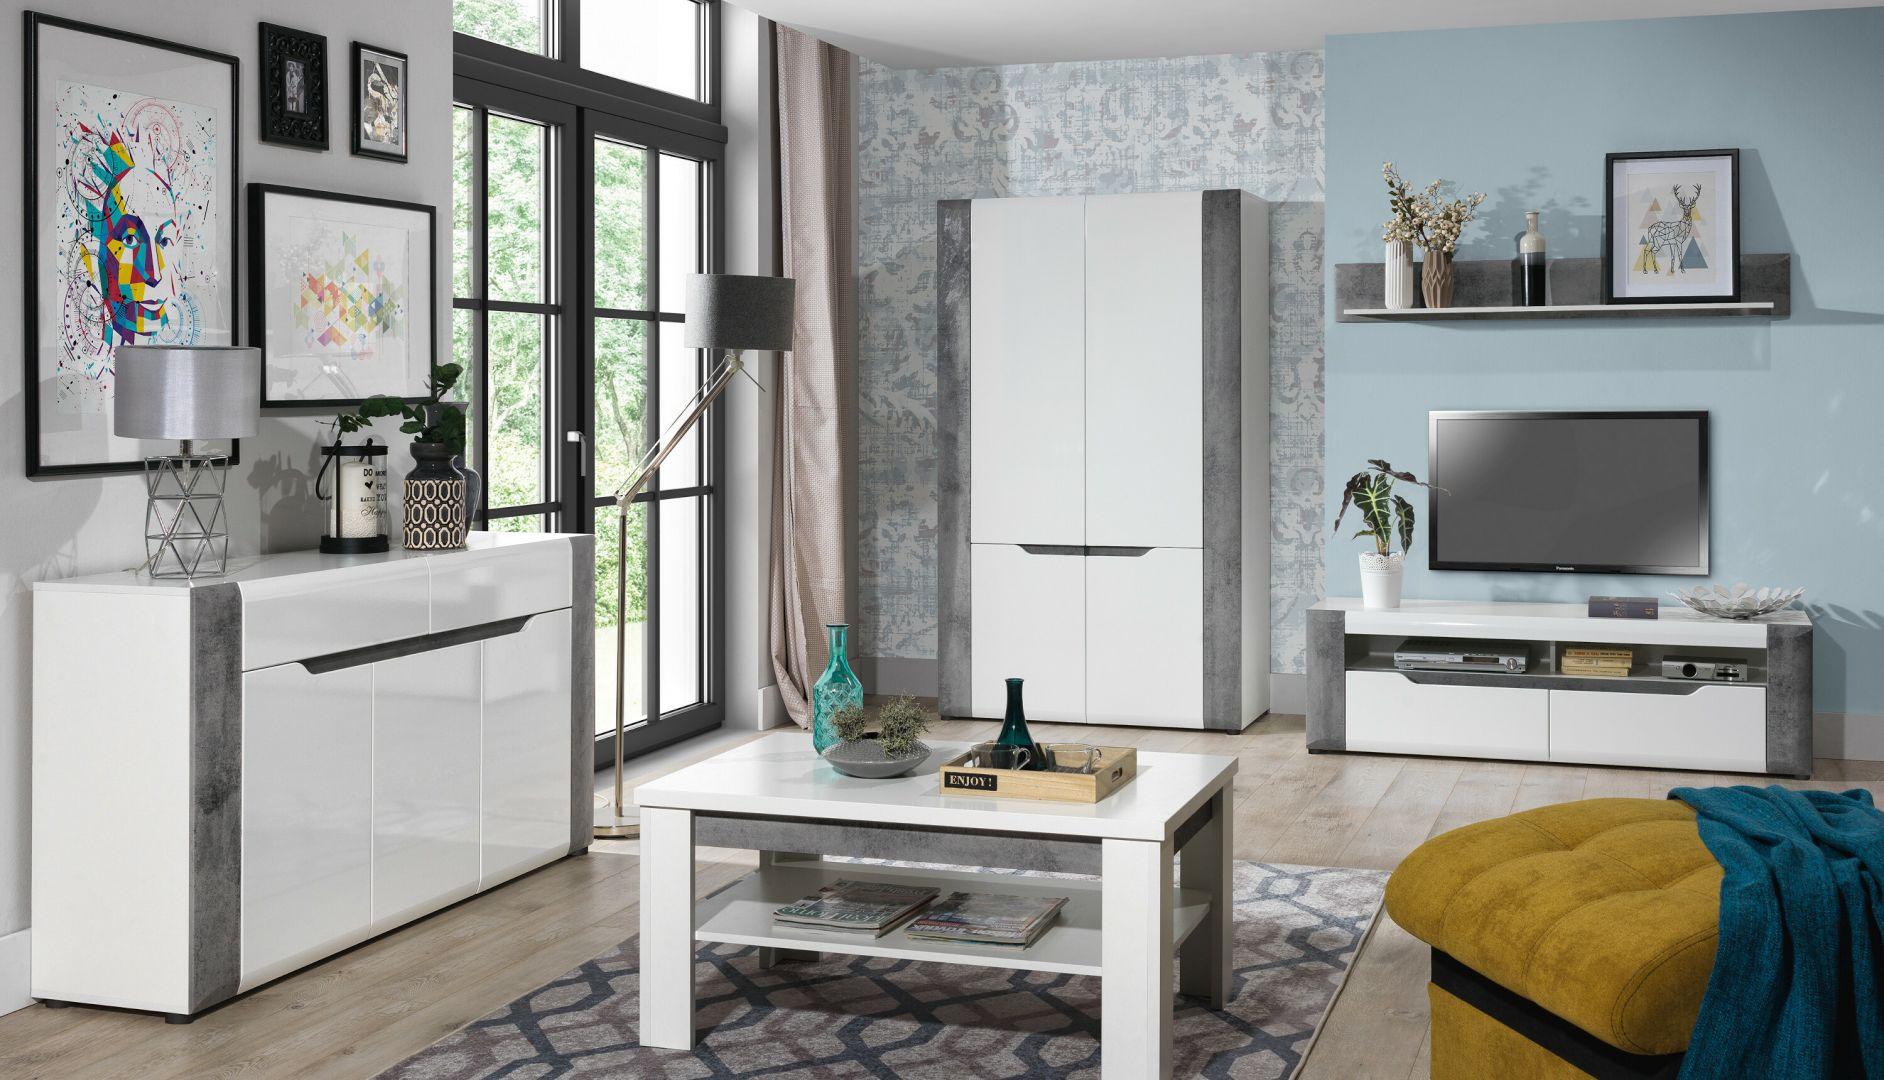 Stolik kawowy do salonu w białym kolorze z kolekcji Brando dostępny w ofercie firmy Salony Agata. Fot. Salony Agata